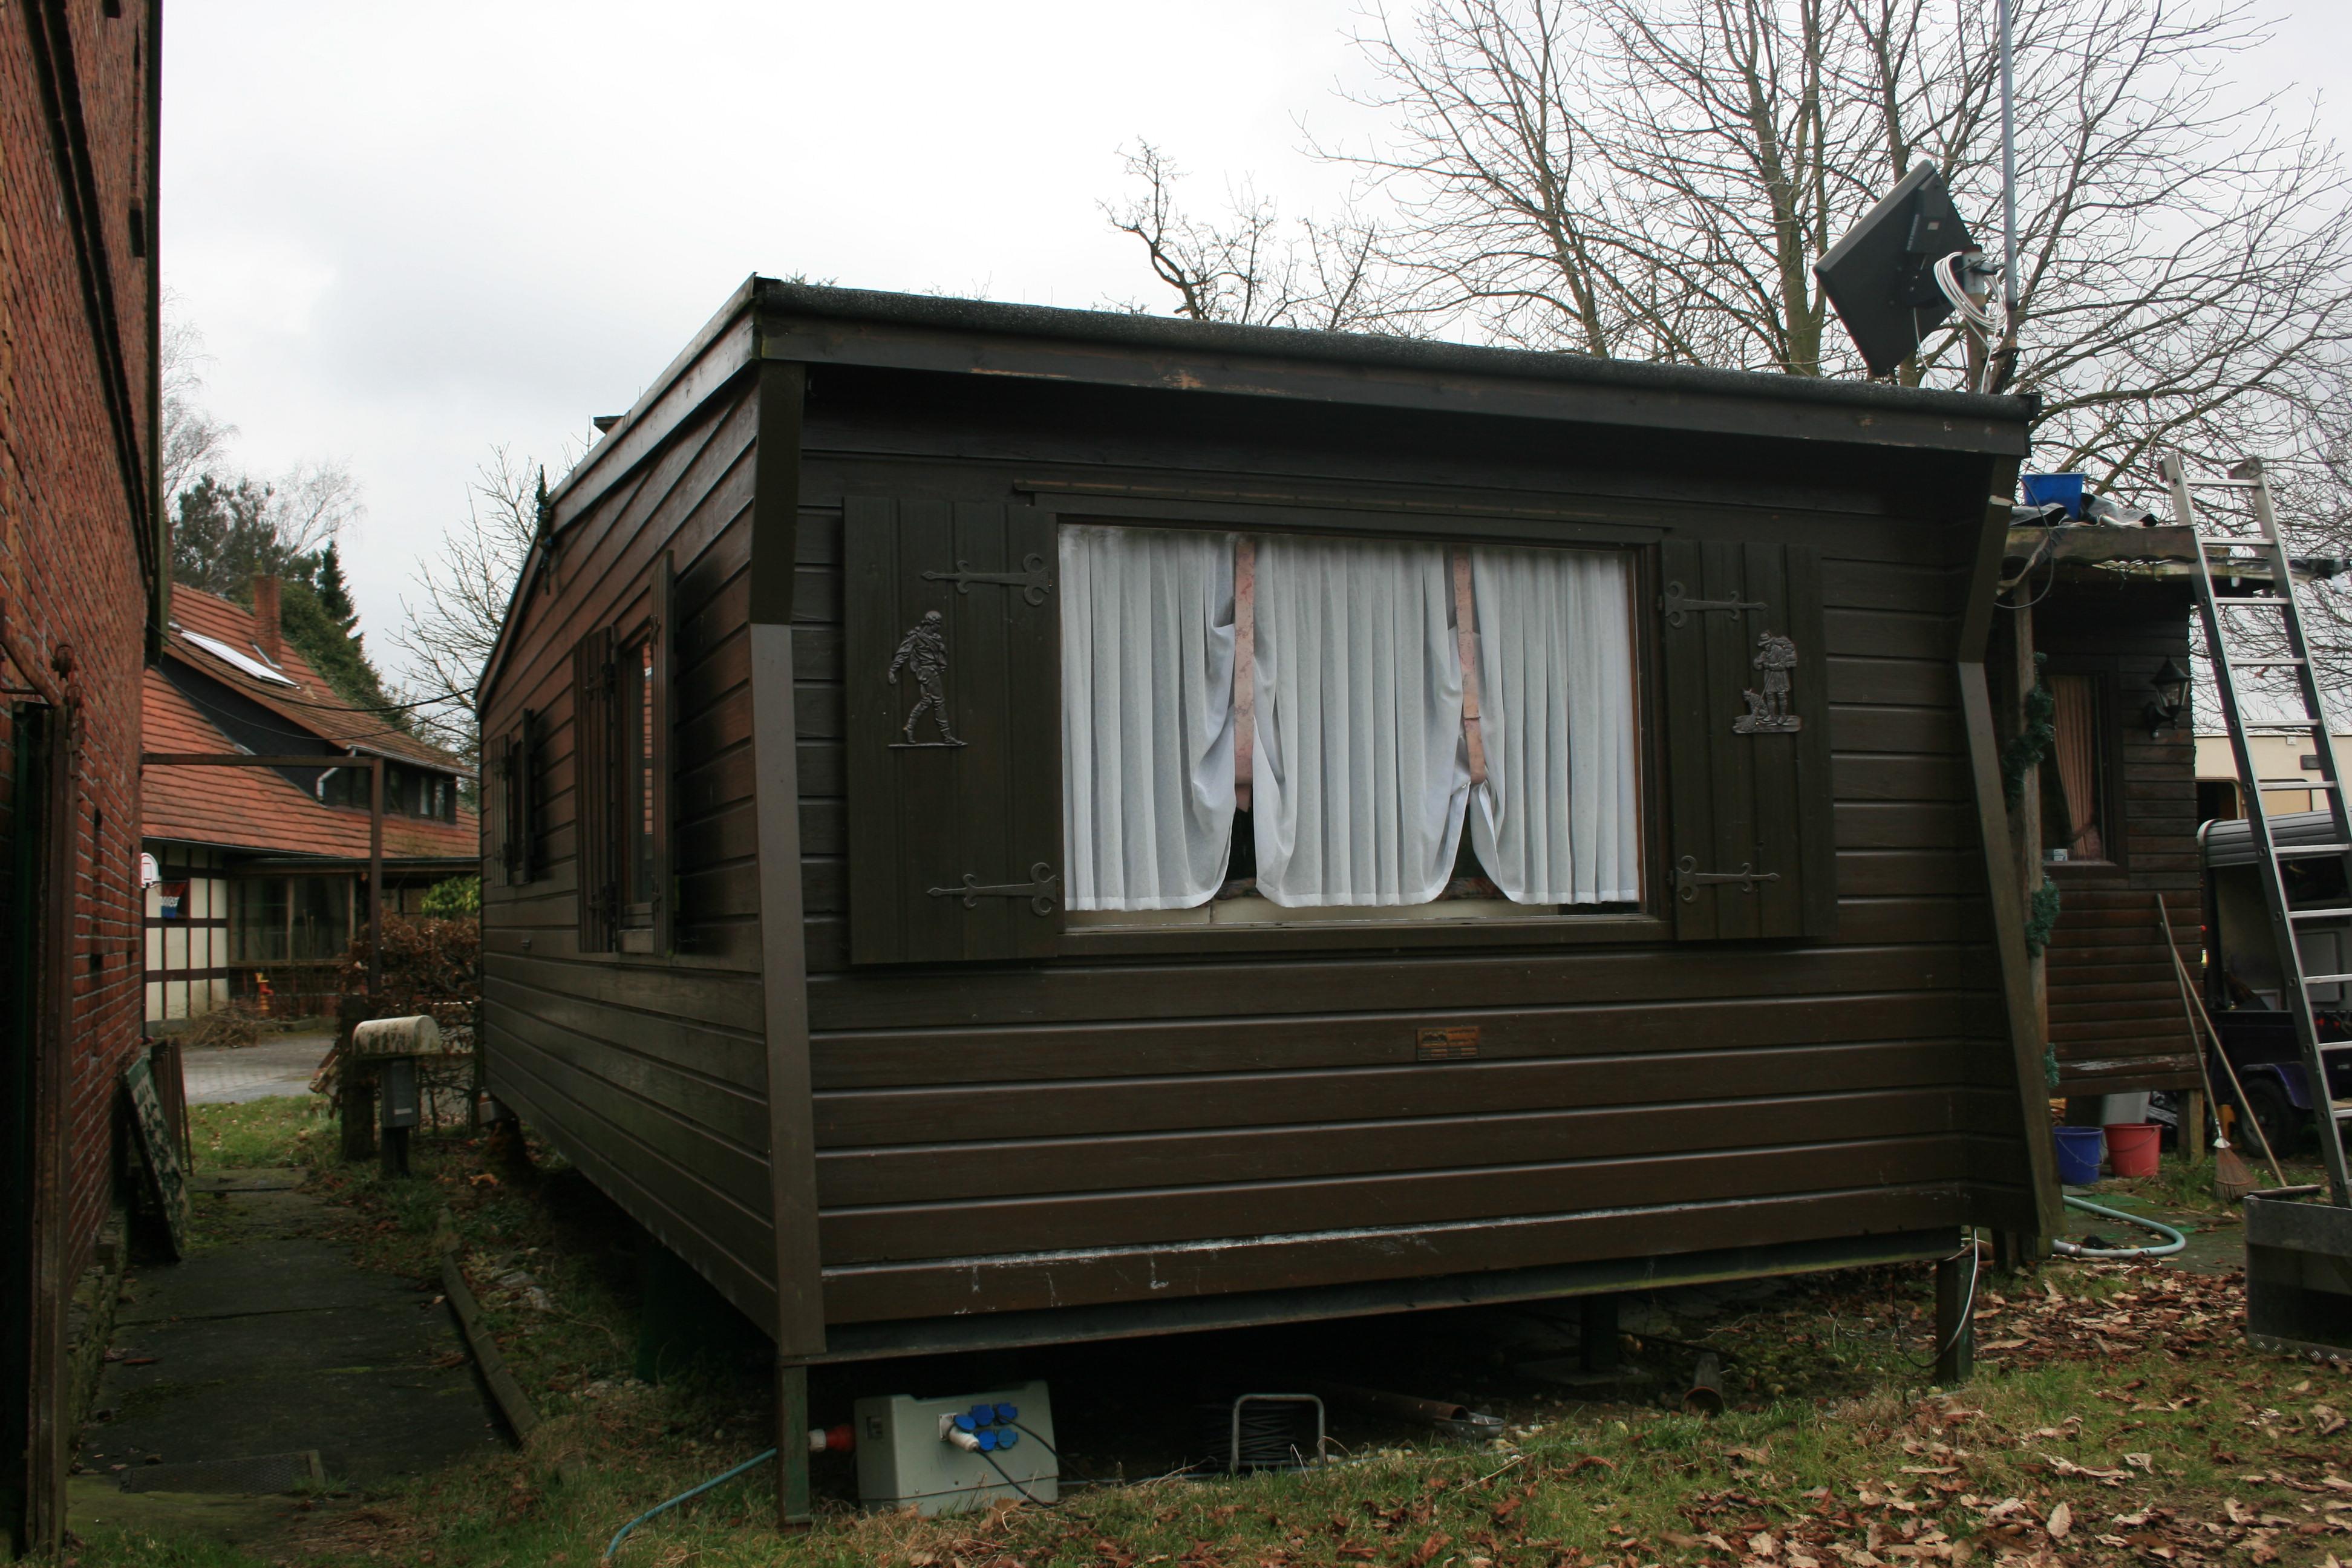 immobilien kleinanzeigen ennigerloh anzeigenmarkt. Black Bedroom Furniture Sets. Home Design Ideas